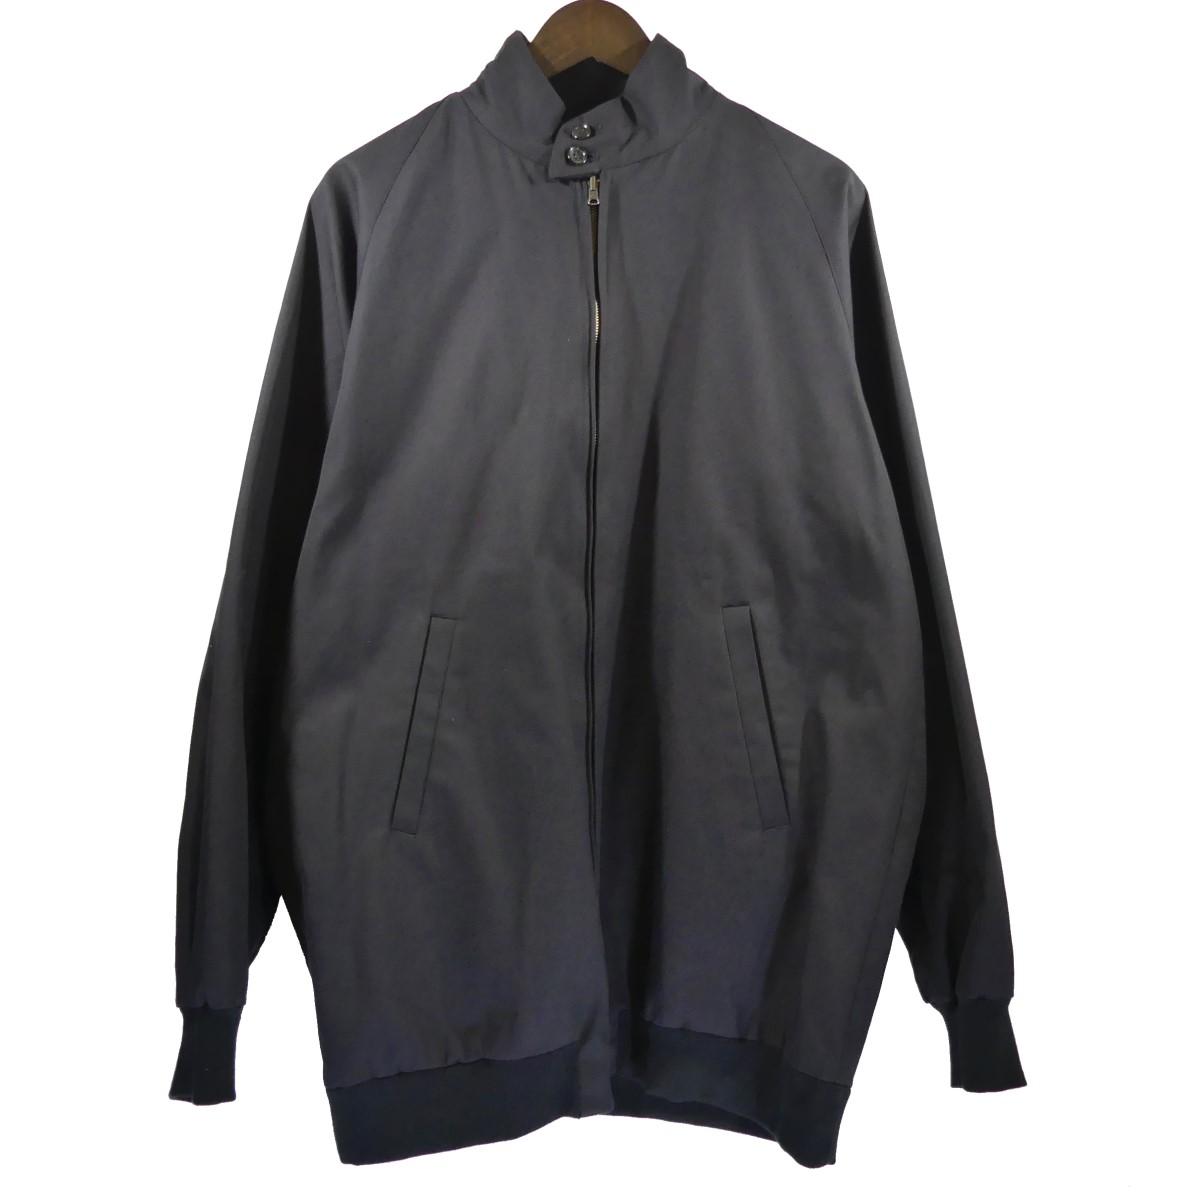 【中古】NICENESS リバーシブルジップアップジャケット PRODIGY プロディジー スウィングトップ ブラック×ベージュ サイズ:L 【160320】(ナイスネス)